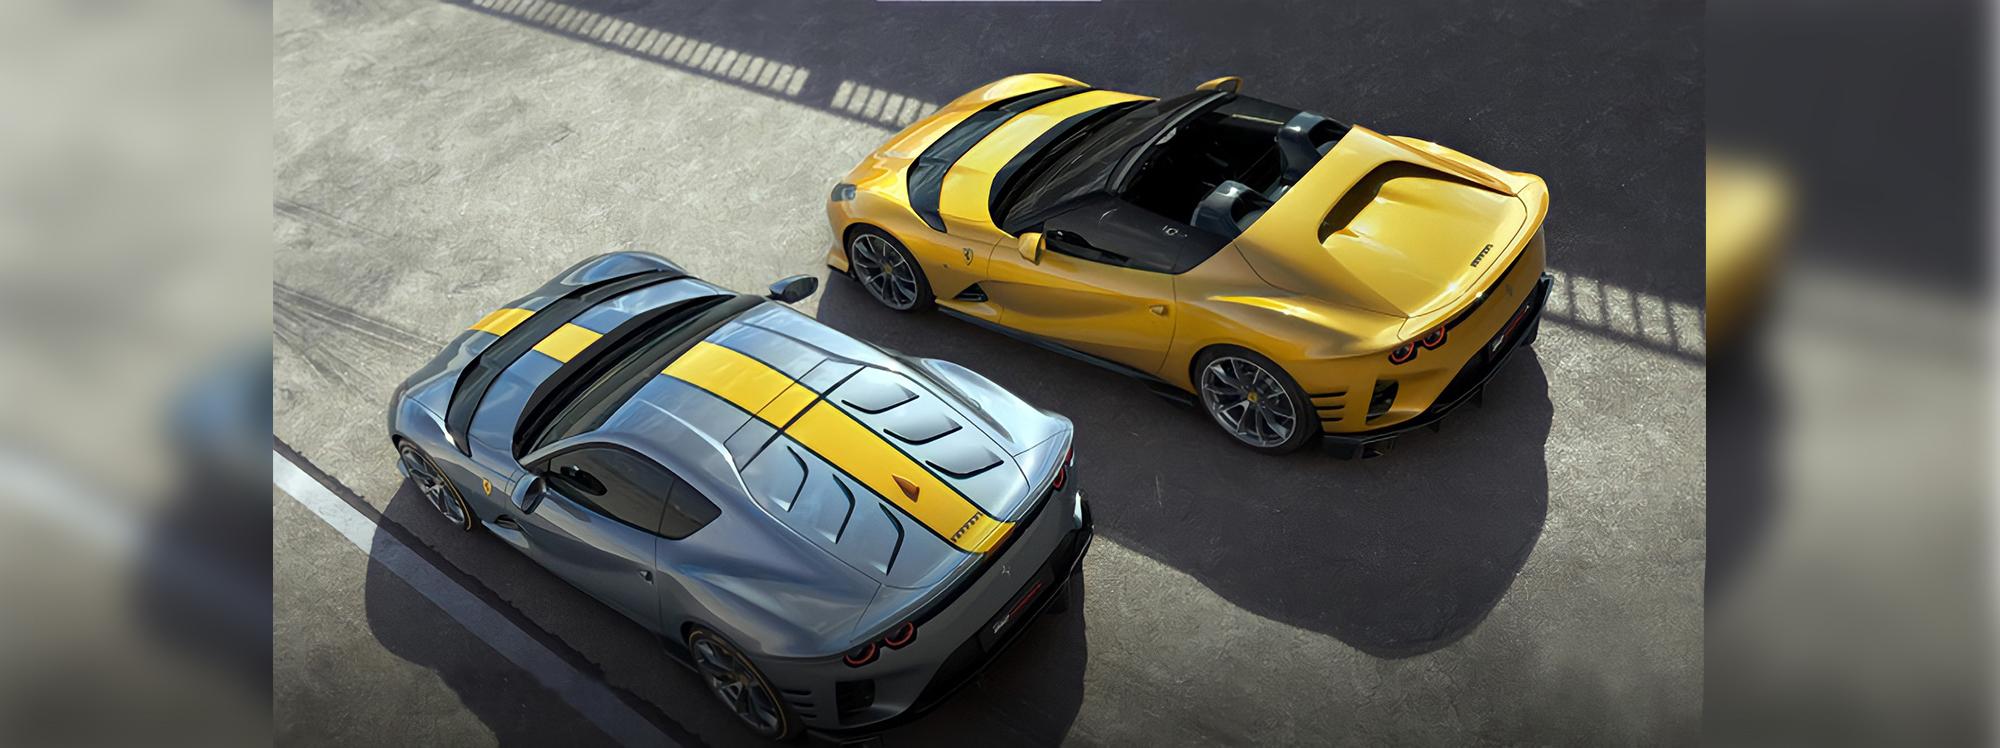 Estos son los nuevos y poderosos mellizos de Ferrari